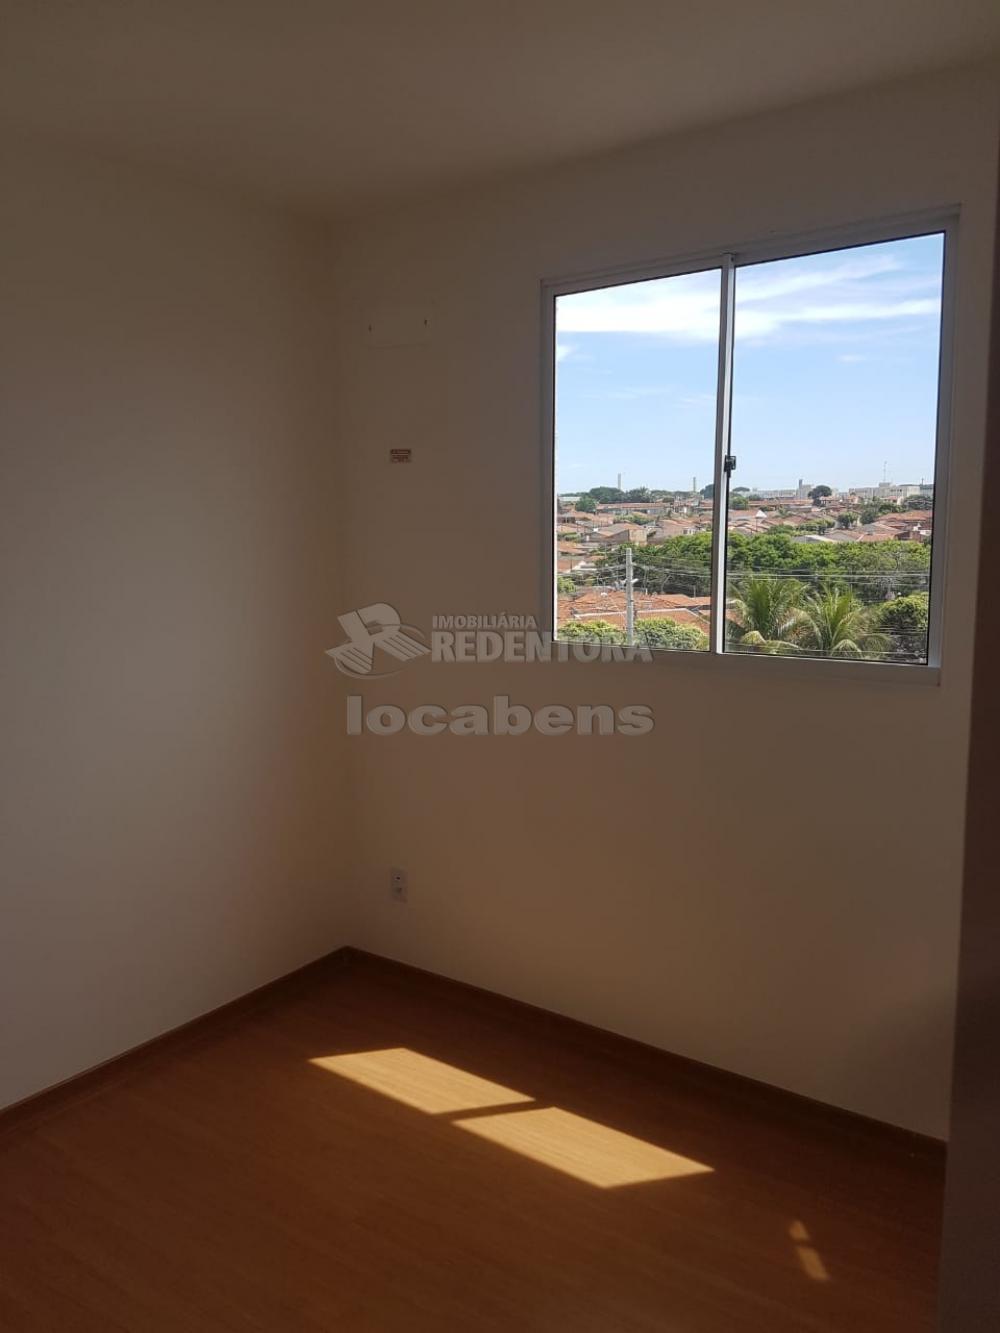 Alugar Apartamento / Padrão em São José do Rio Preto R$ 600,00 - Foto 6